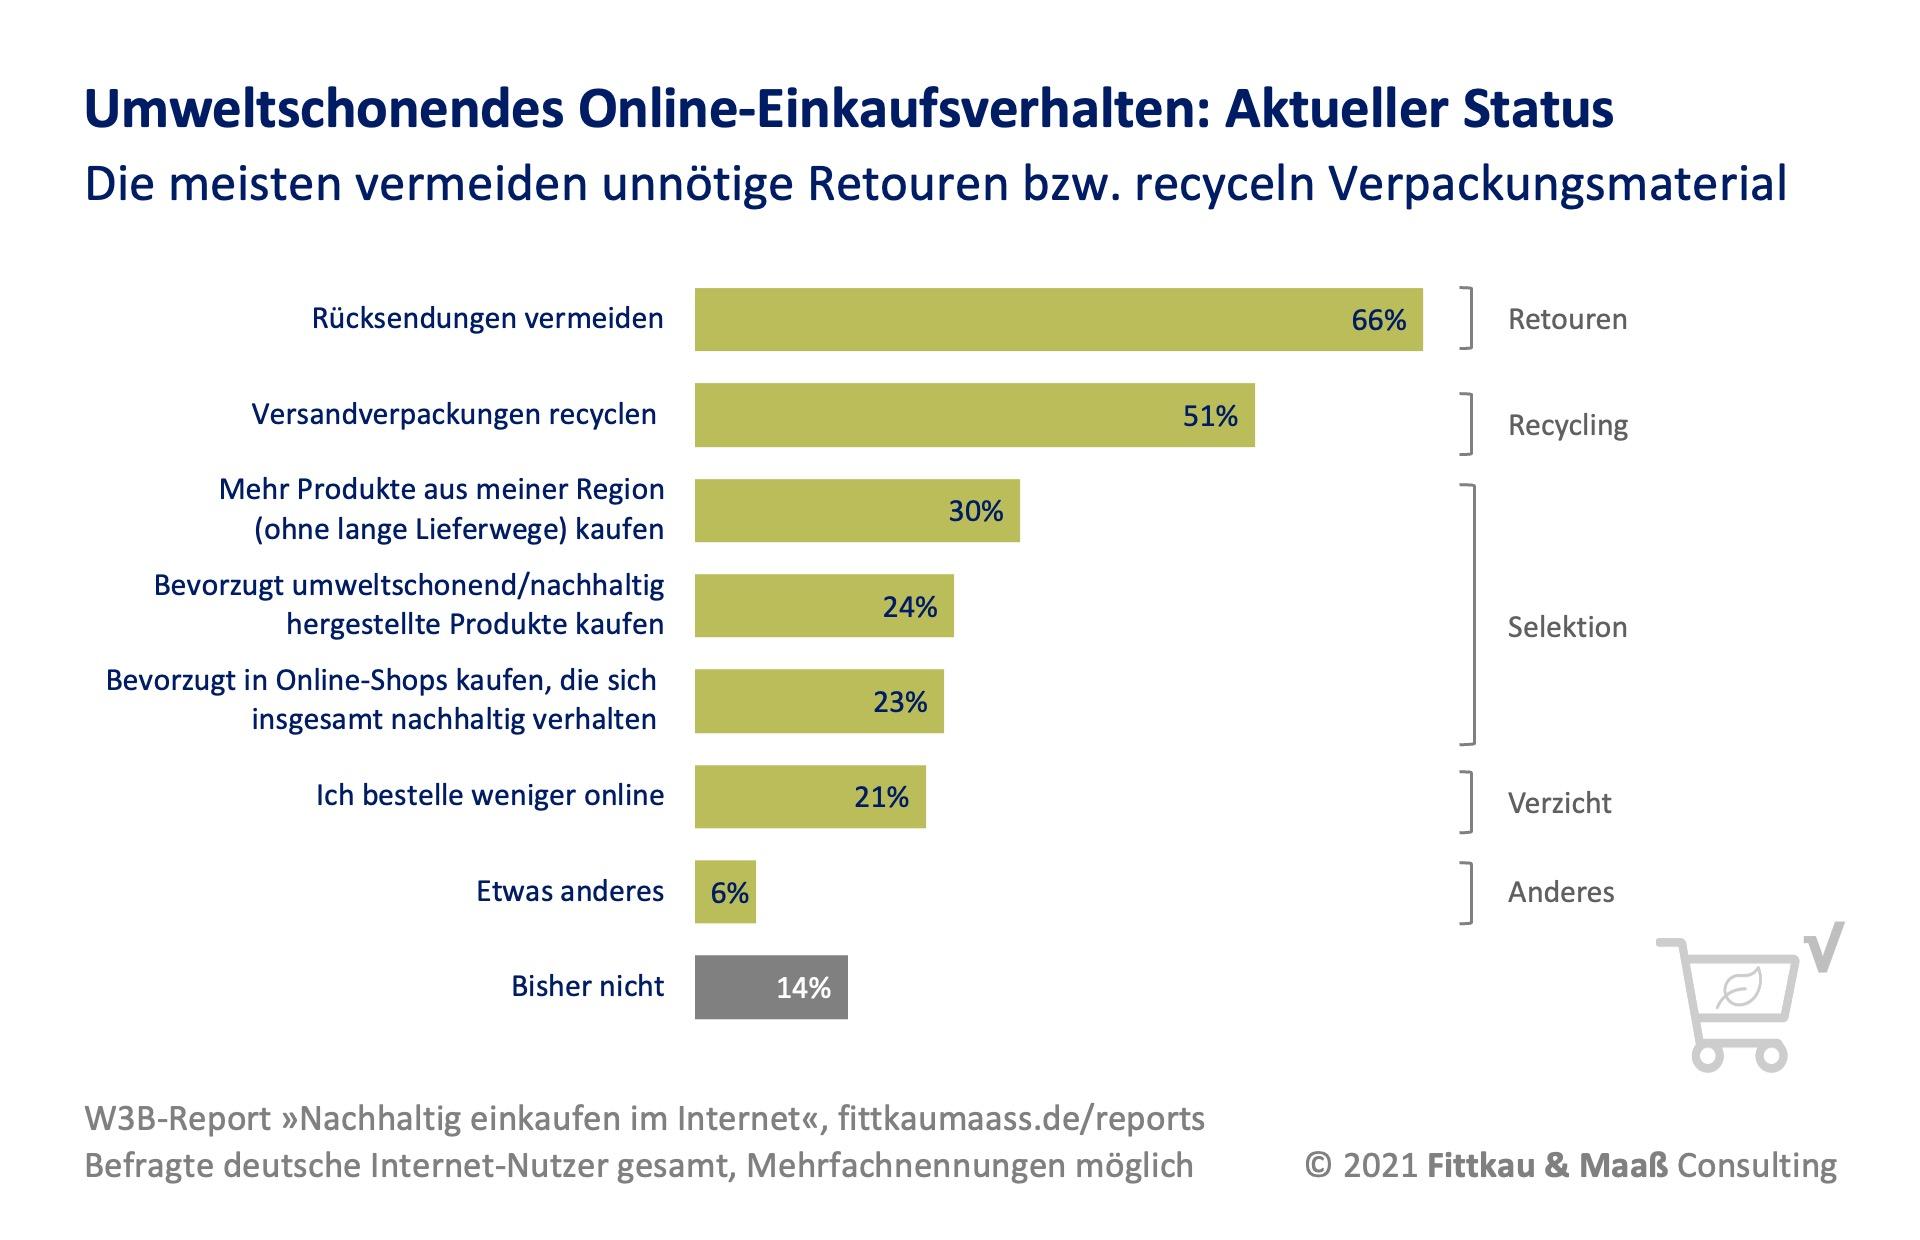 Umweltschonendes Online-Einkaufsverhalten